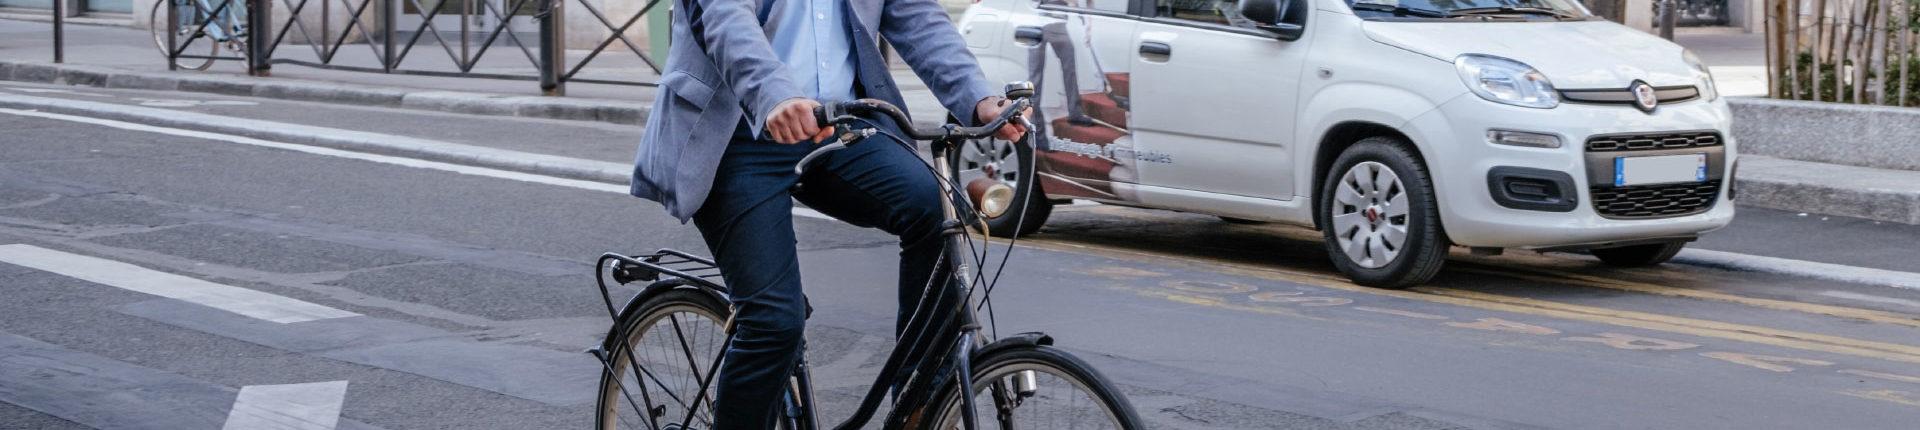 Règles de bonne conduite à vélo